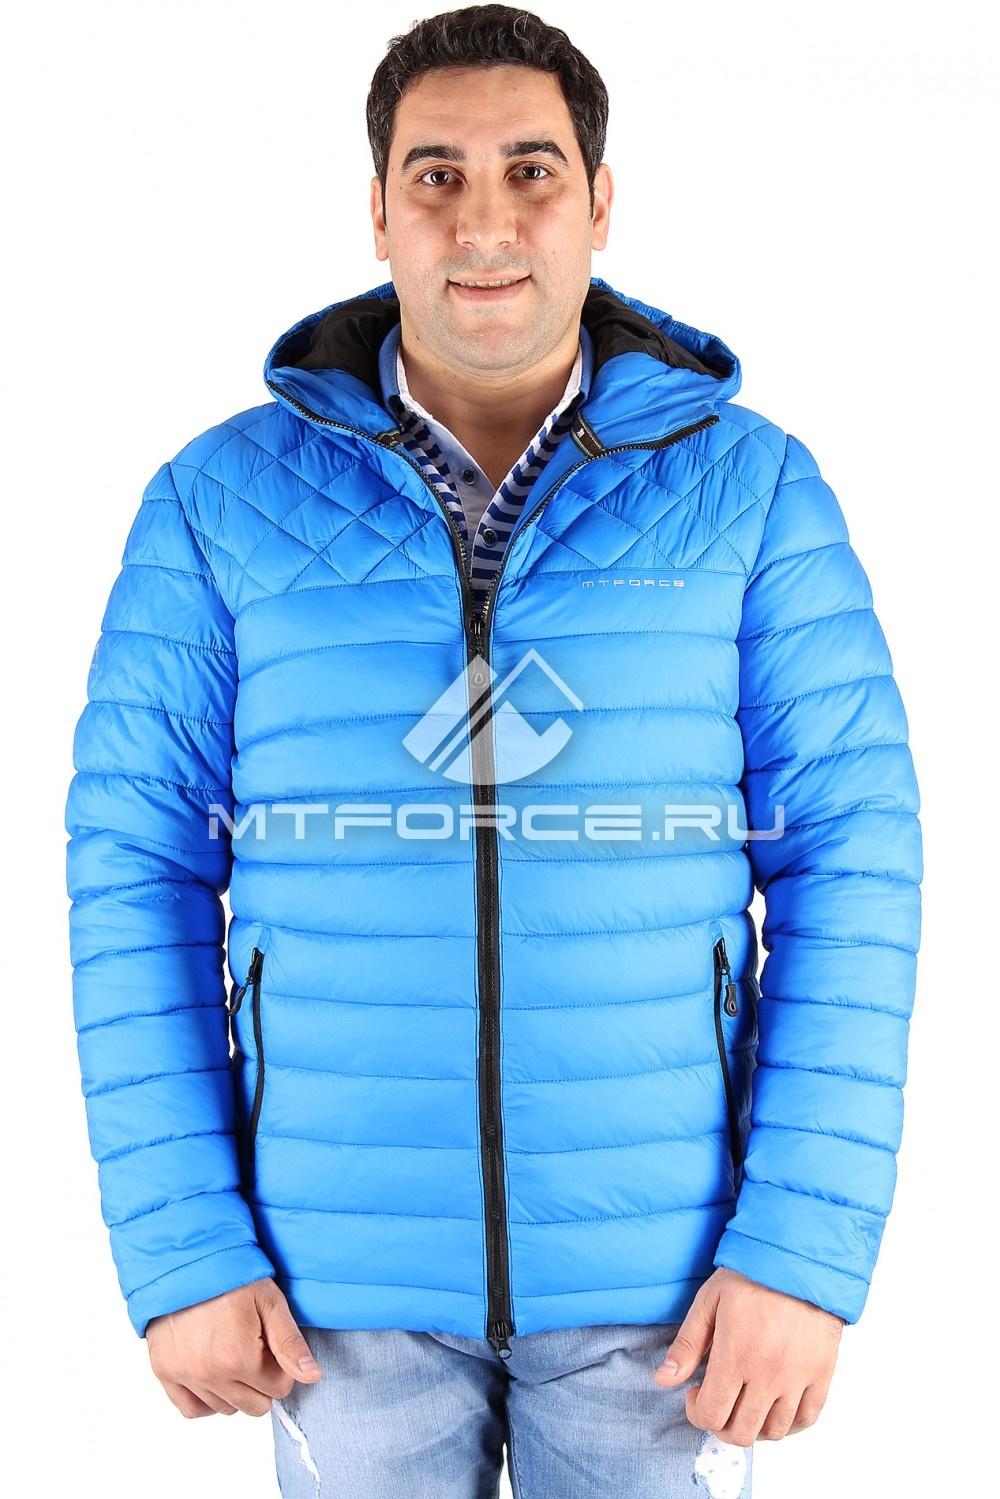 Купить                                  оптом Куртка мужская синего цвета 1618S